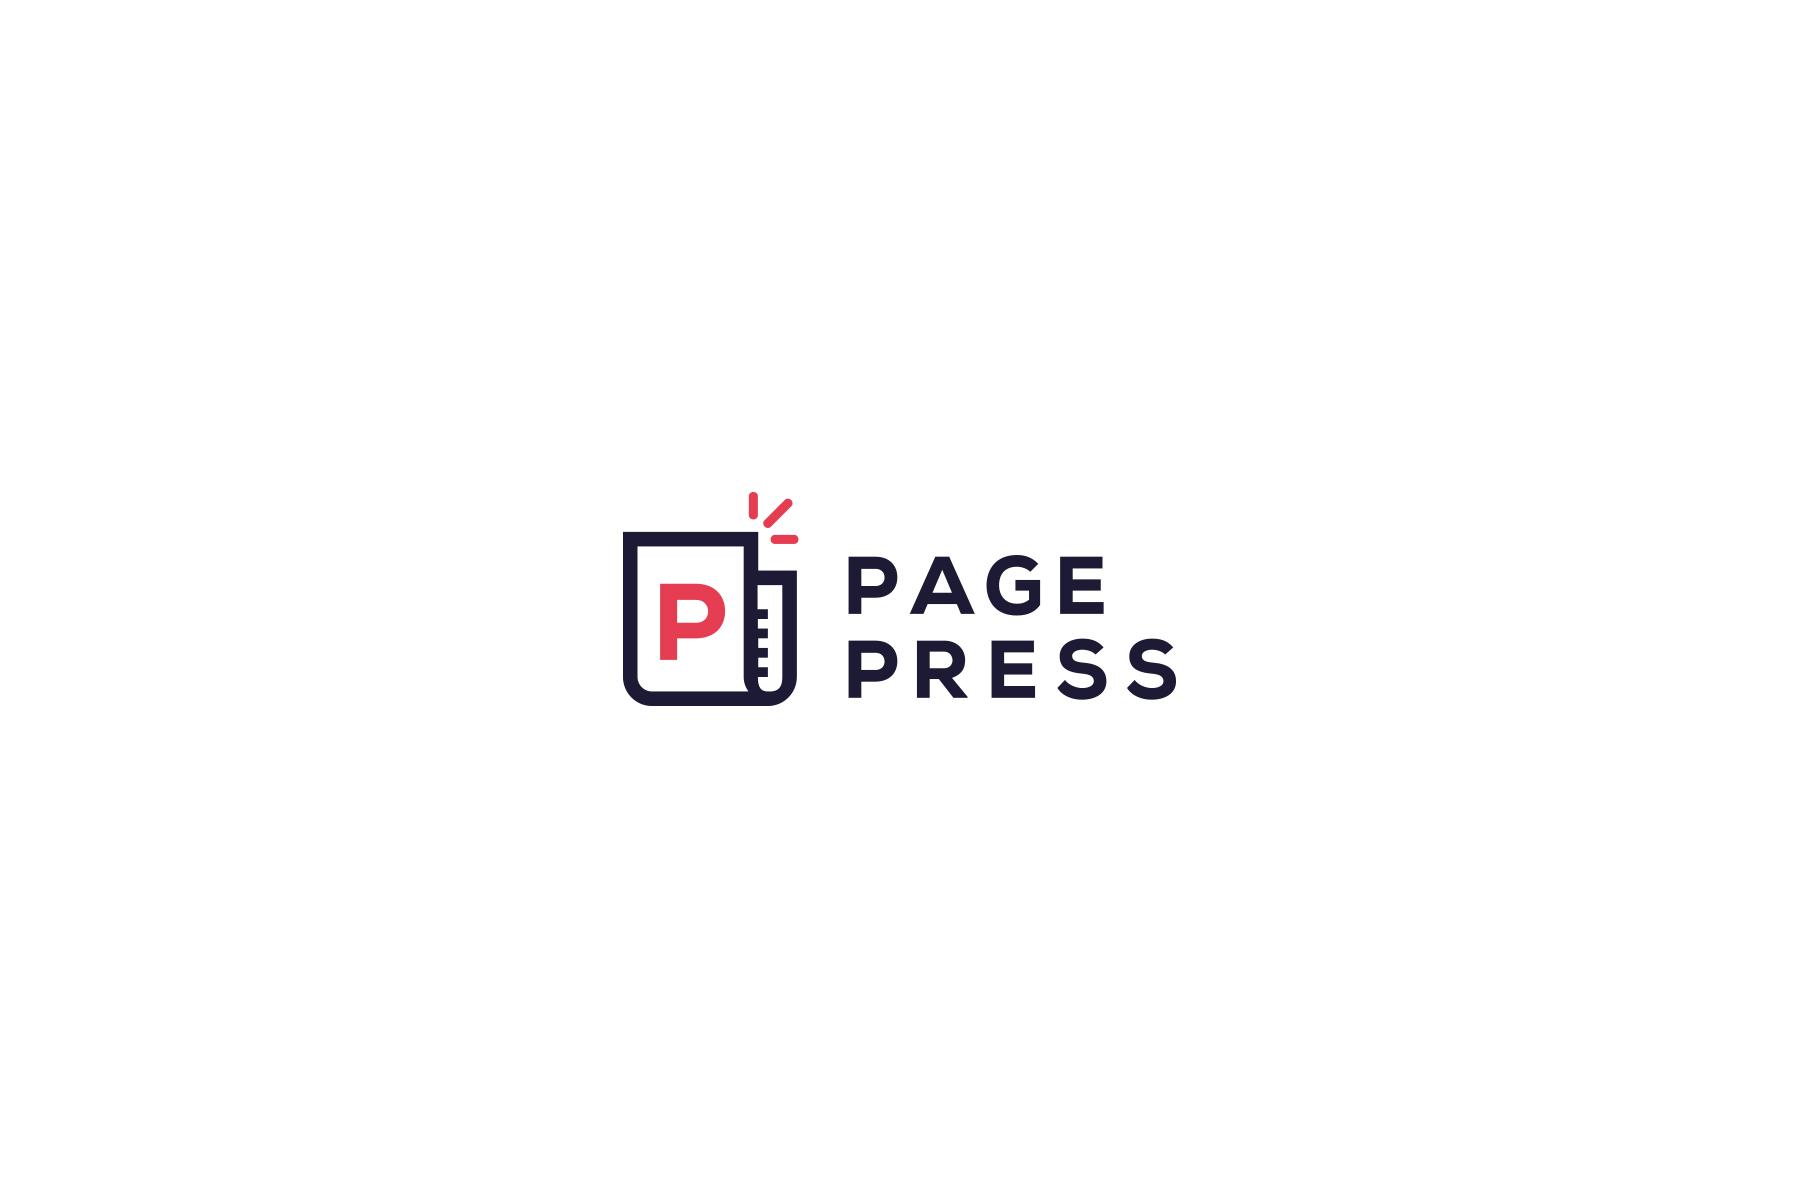 PagePress_02.jpg